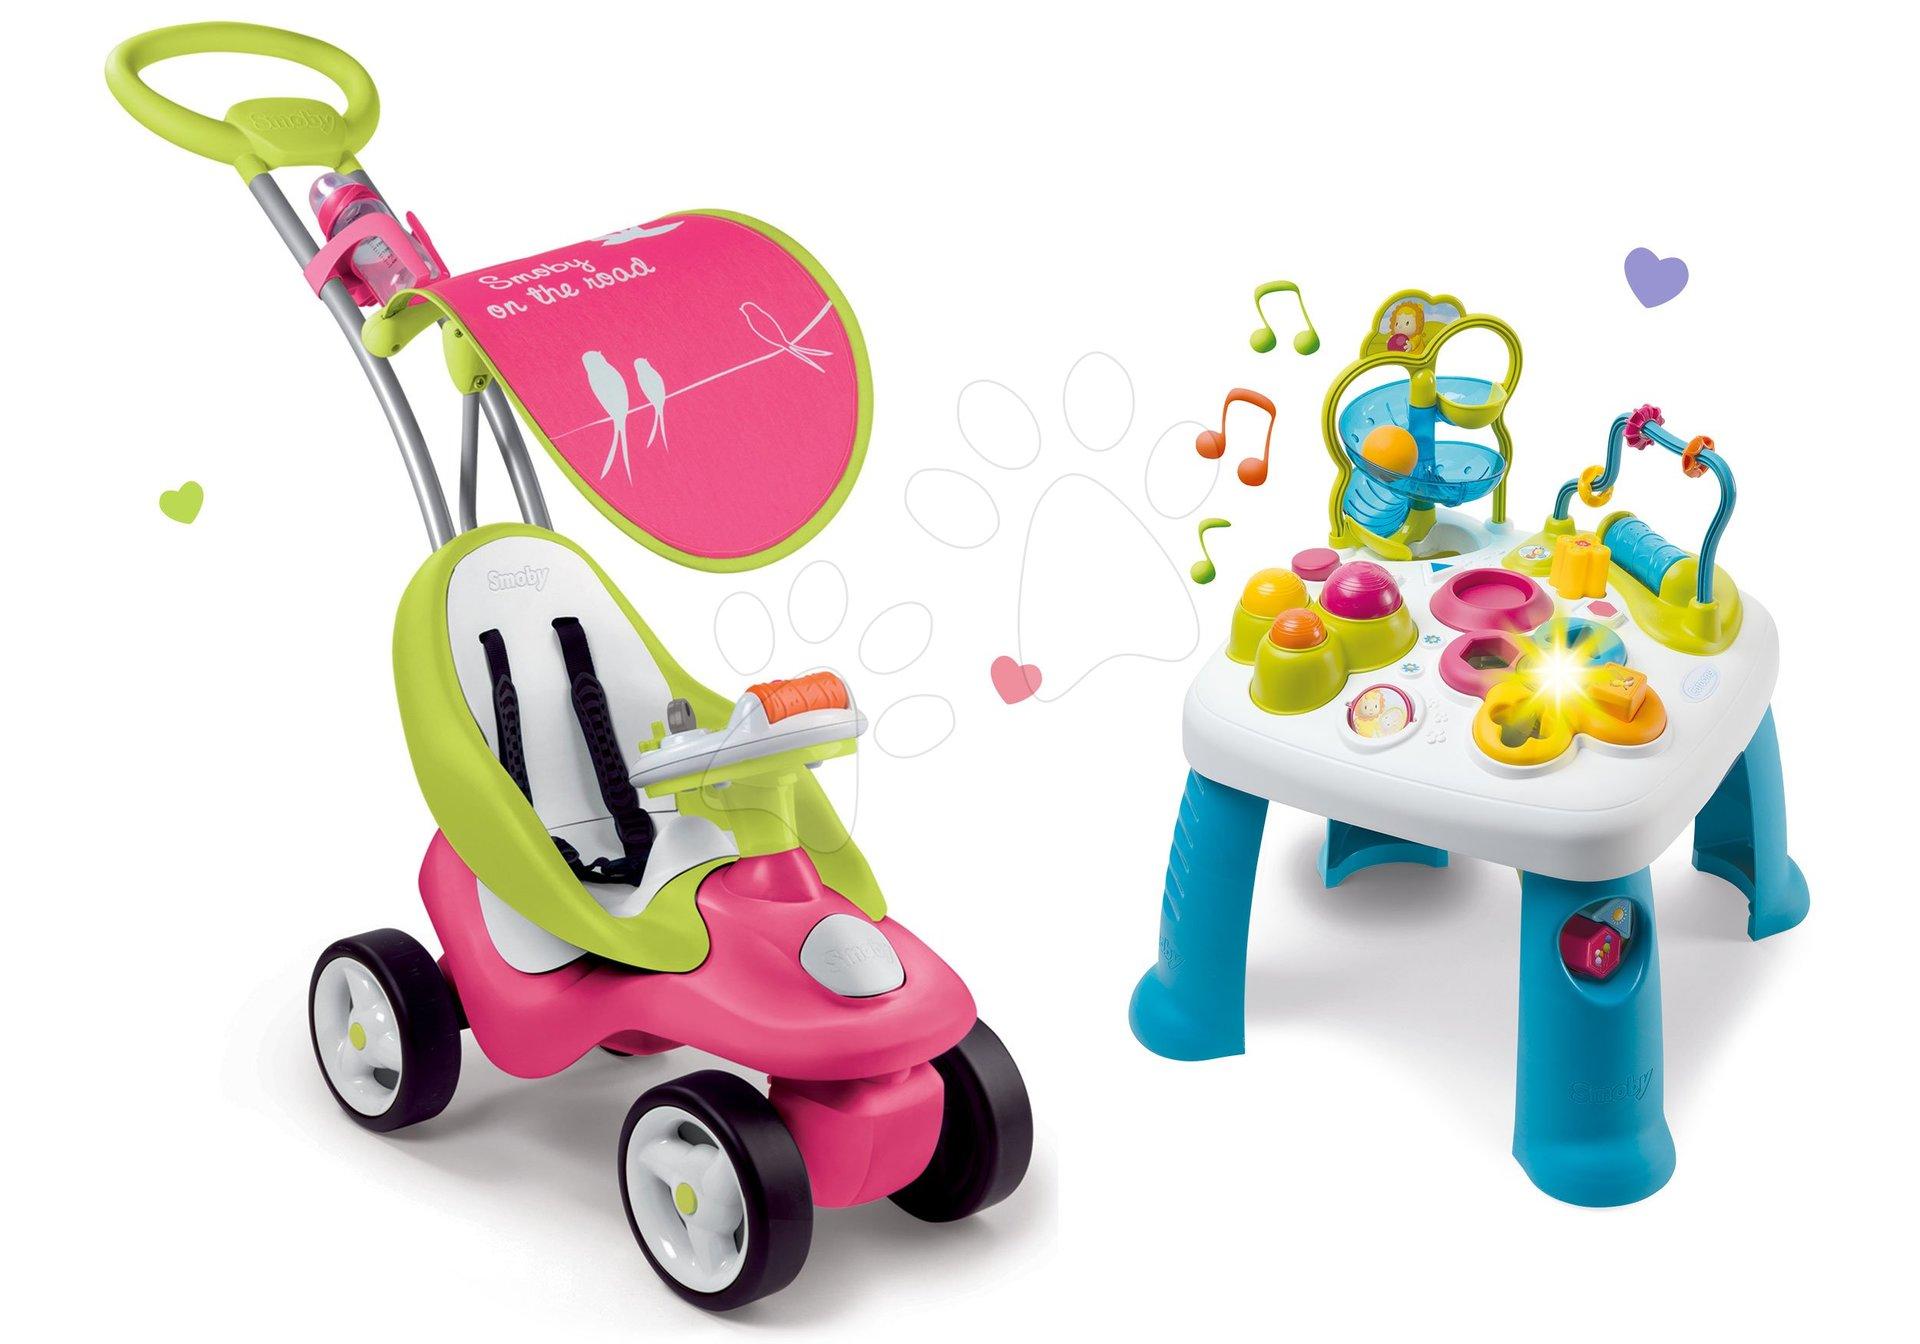 Odrážadlá sety - Set odrážadlo Bubble Go Smoby so strieškou a didaktický stolík Cotoons od 6 mes